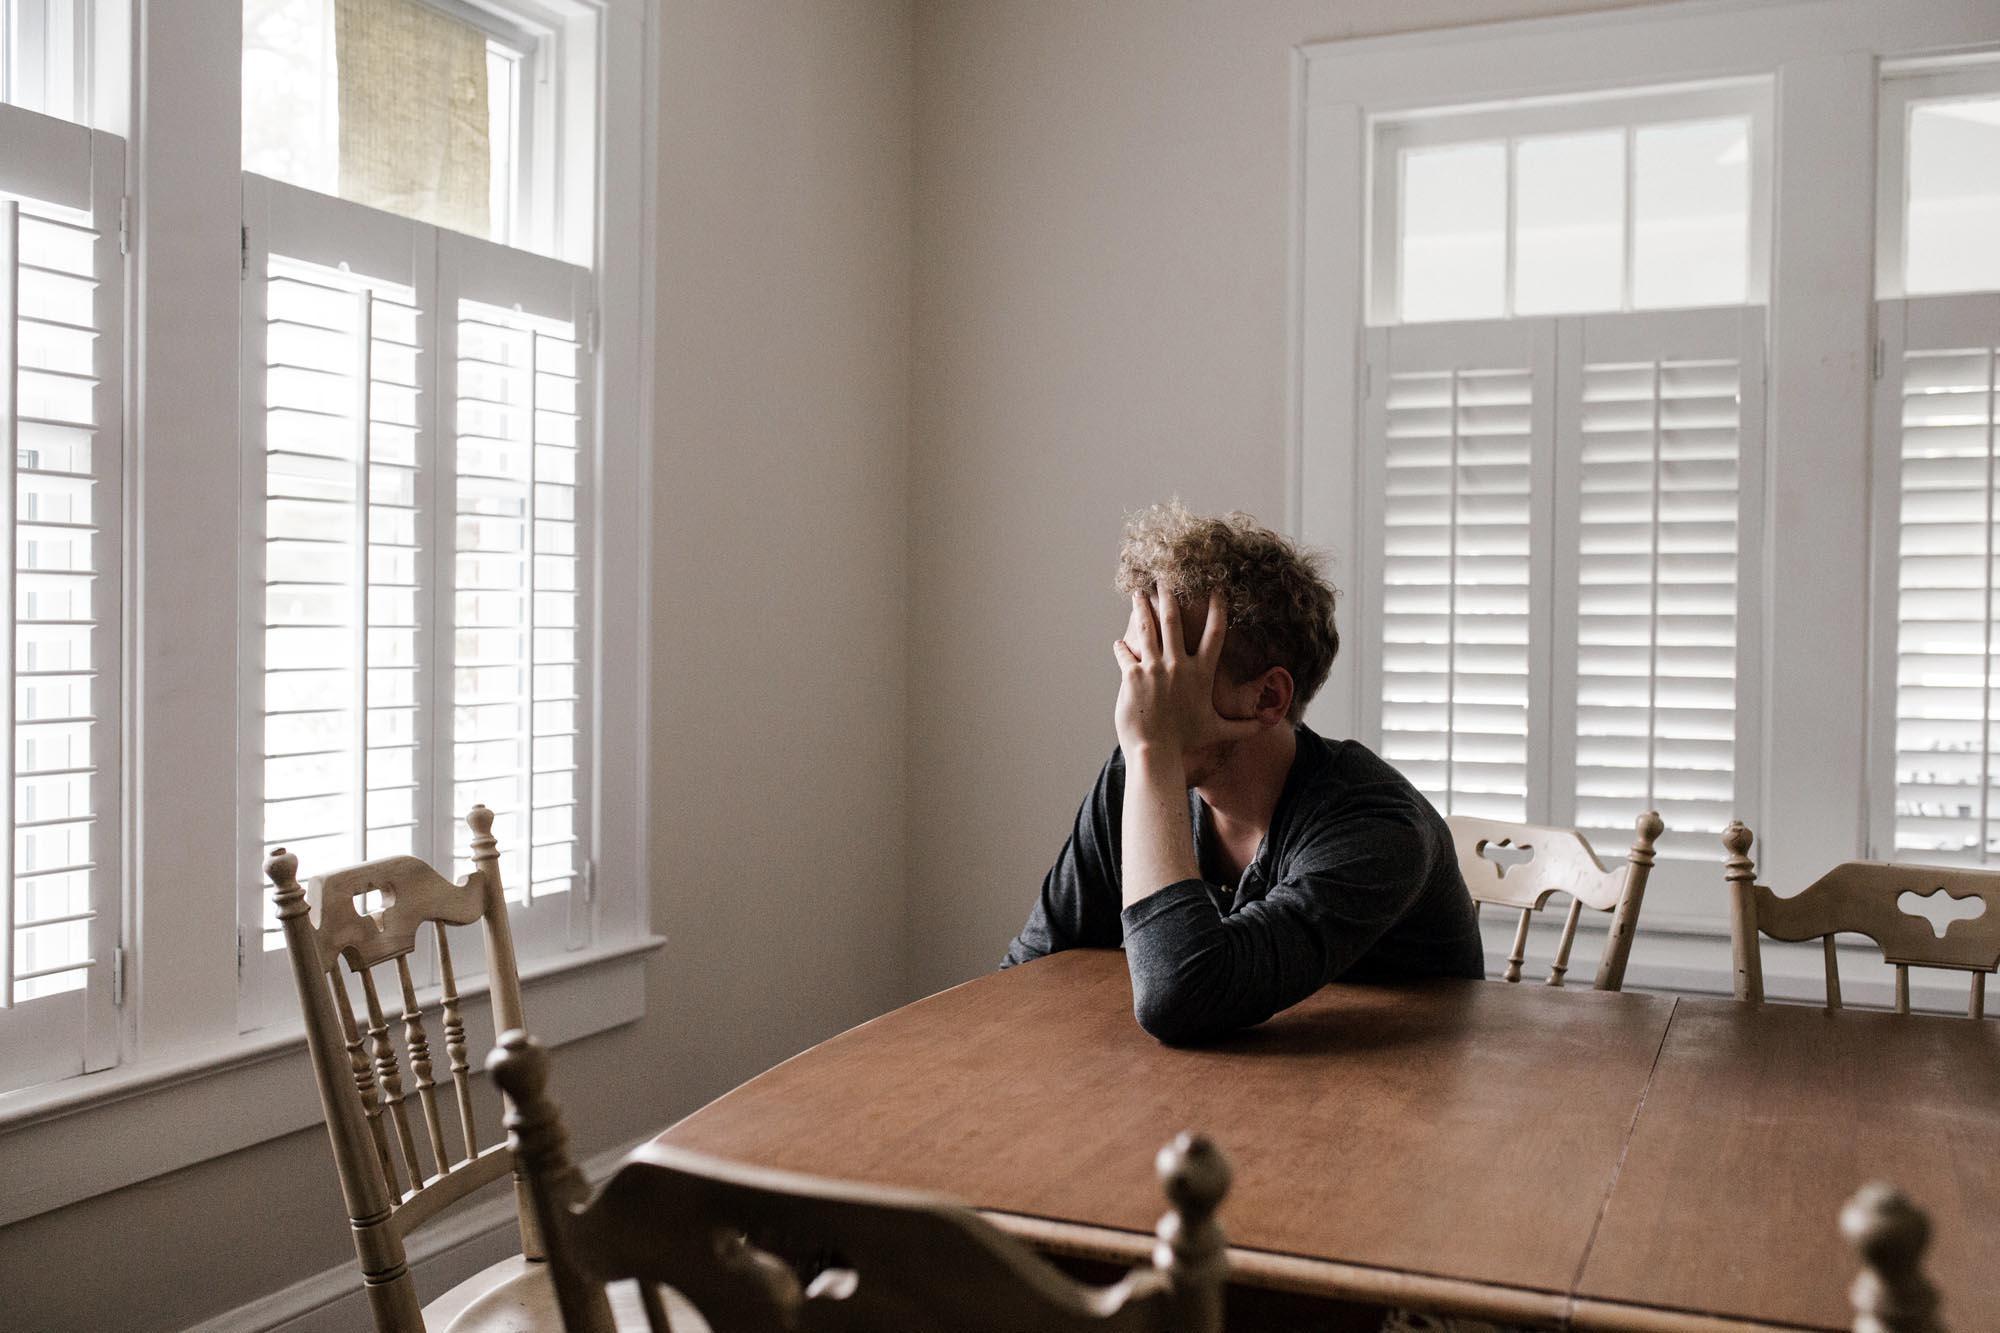 Mantener el contacto social a distancia es importante para cuidar nuestra salud mental